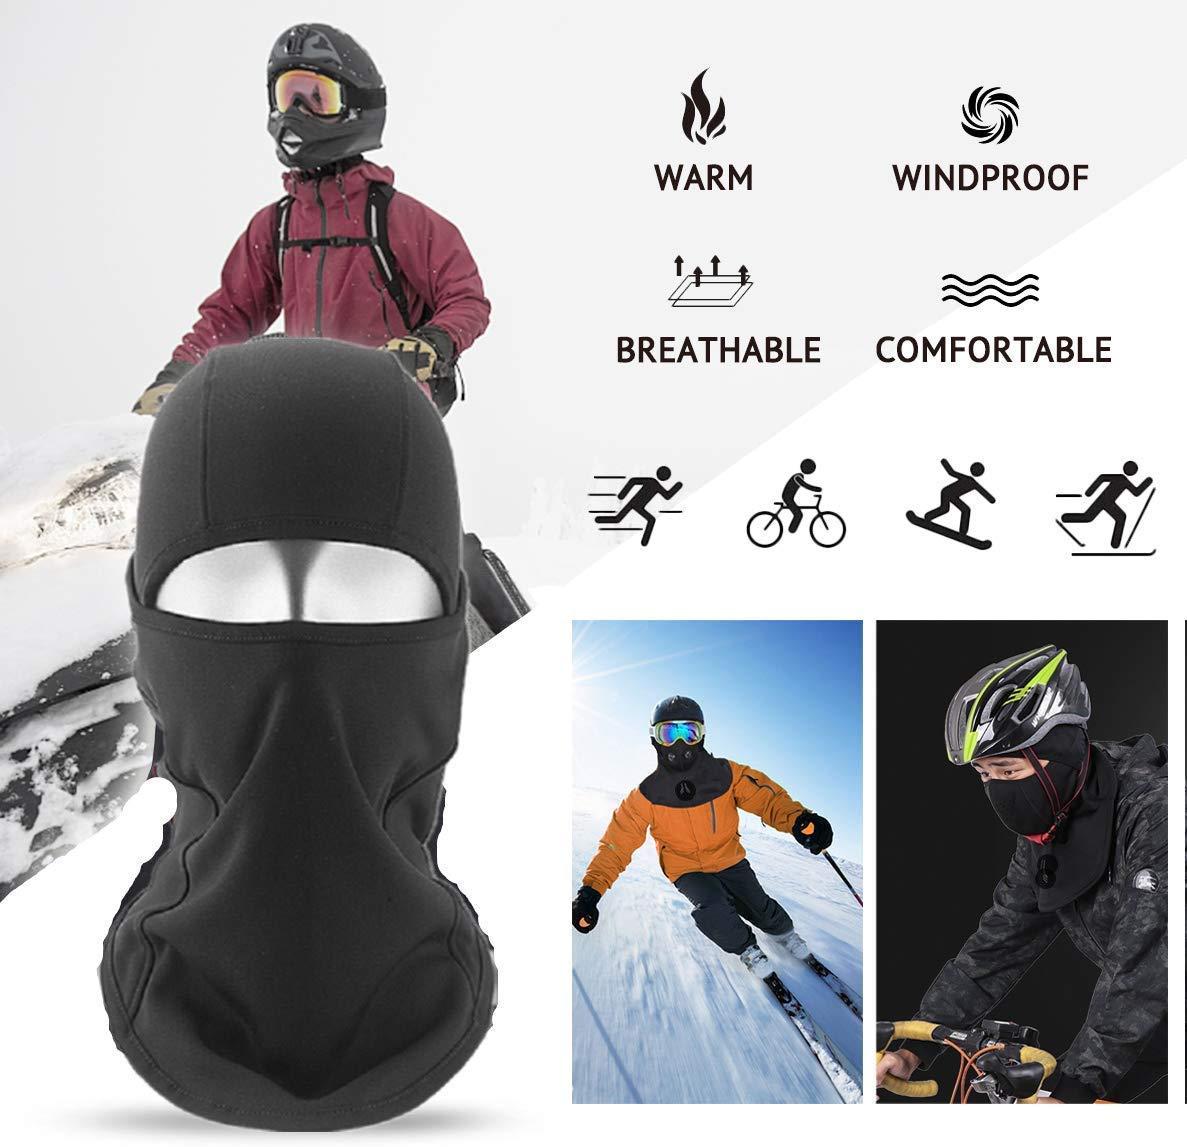 Pasamonta/ñas para Moto Bicicleta Snowboard Braga de Cuello de Invierno de Forro Polar a Prueba de Viento m/áscara t/érmica a Prueba de Viento tama/ño Universal COTOP esqu/í Balaclava